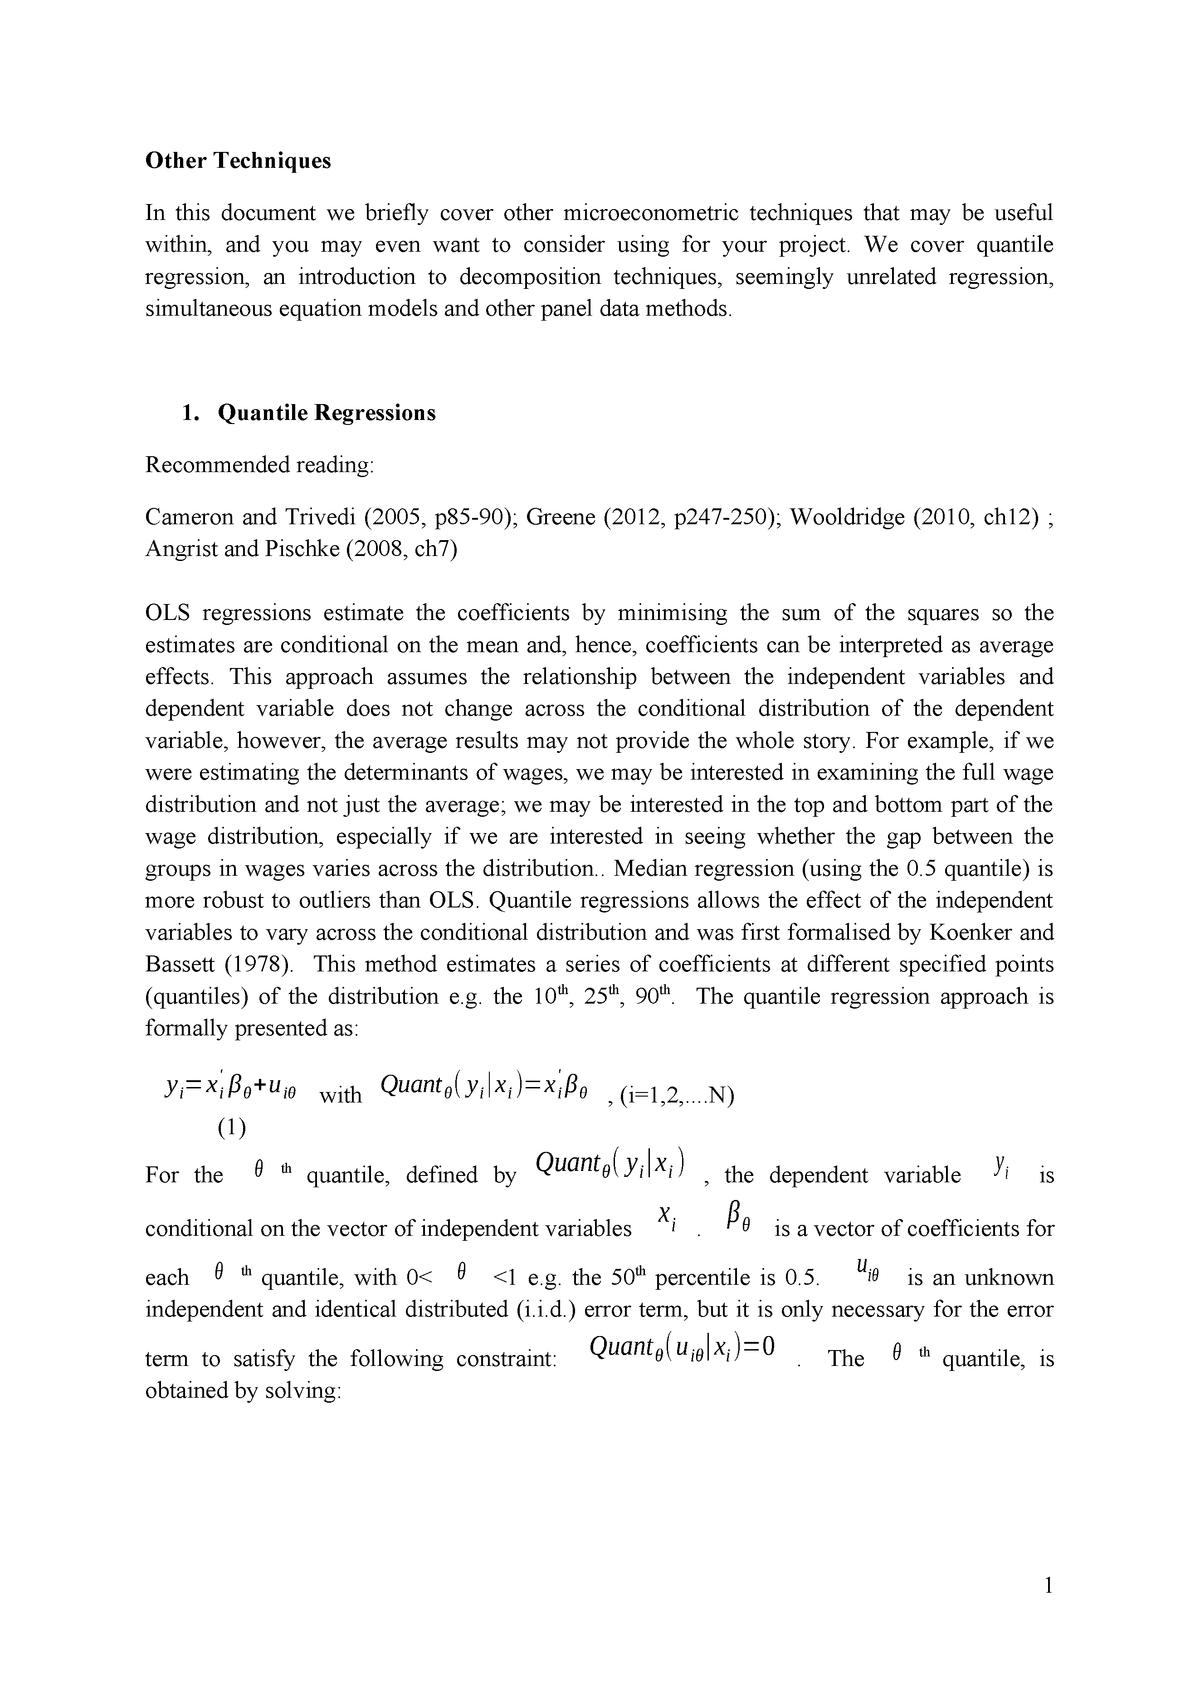 Other techniques - Lecture notes 10 - ECM 607: Econometerics - StuDocu